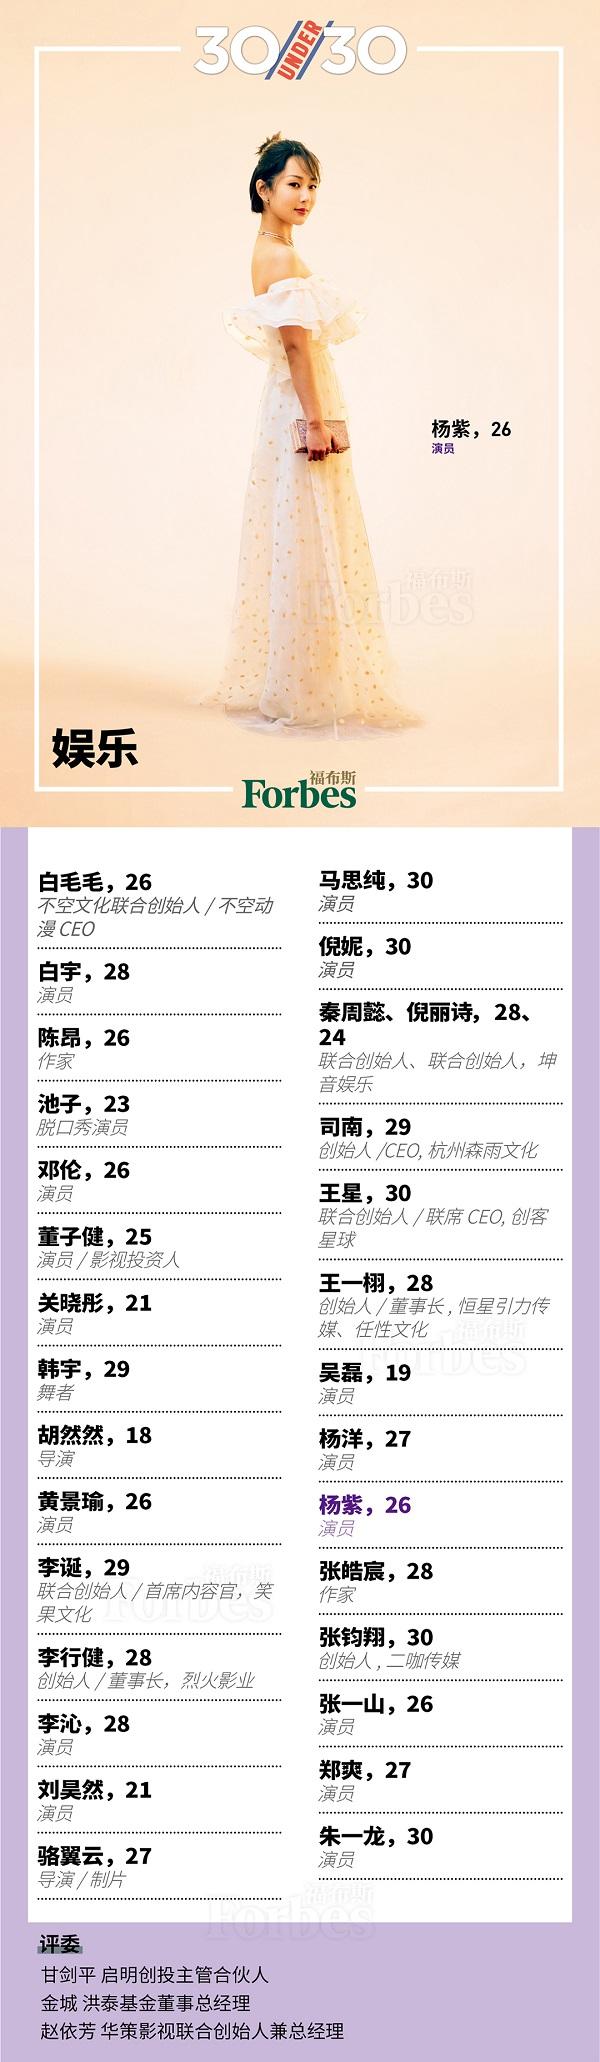 福布斯发布30岁以下精英榜单,有你的偶像吗?(附榜单)